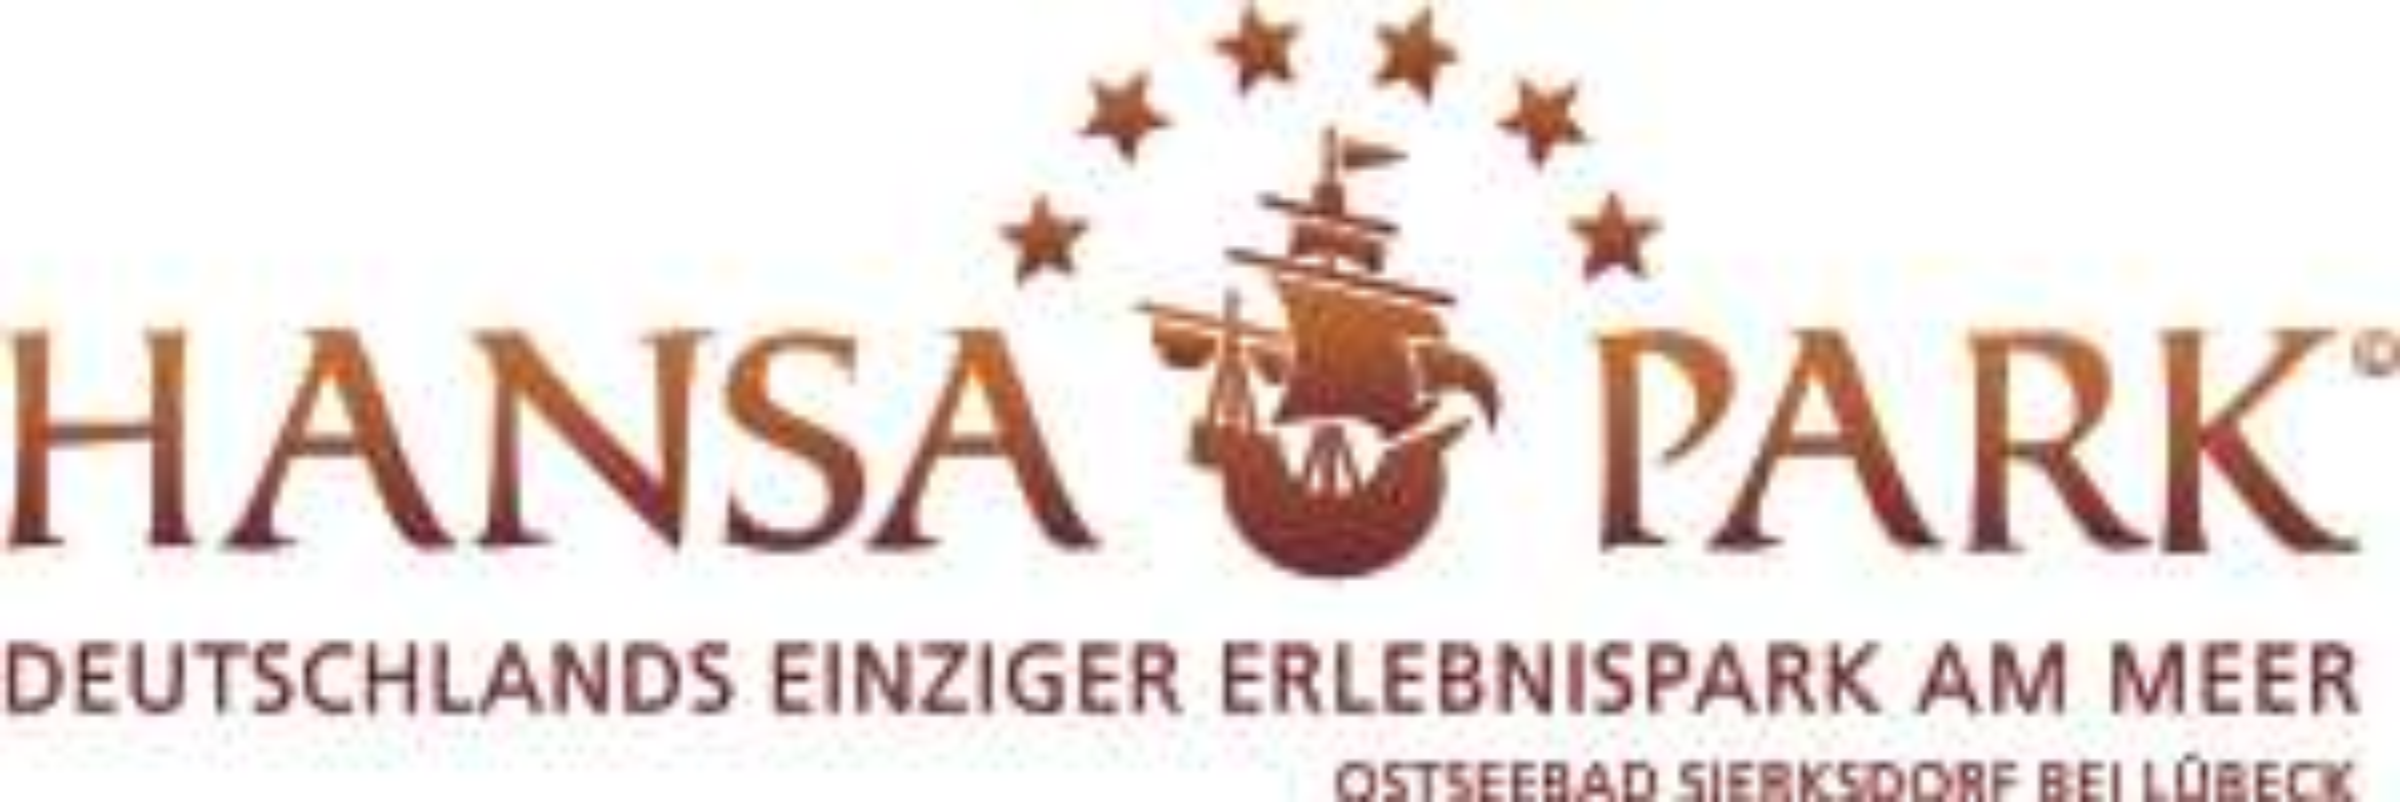 Hansa-Park Saisonkarte 2017 für nur (ab) 29,- €